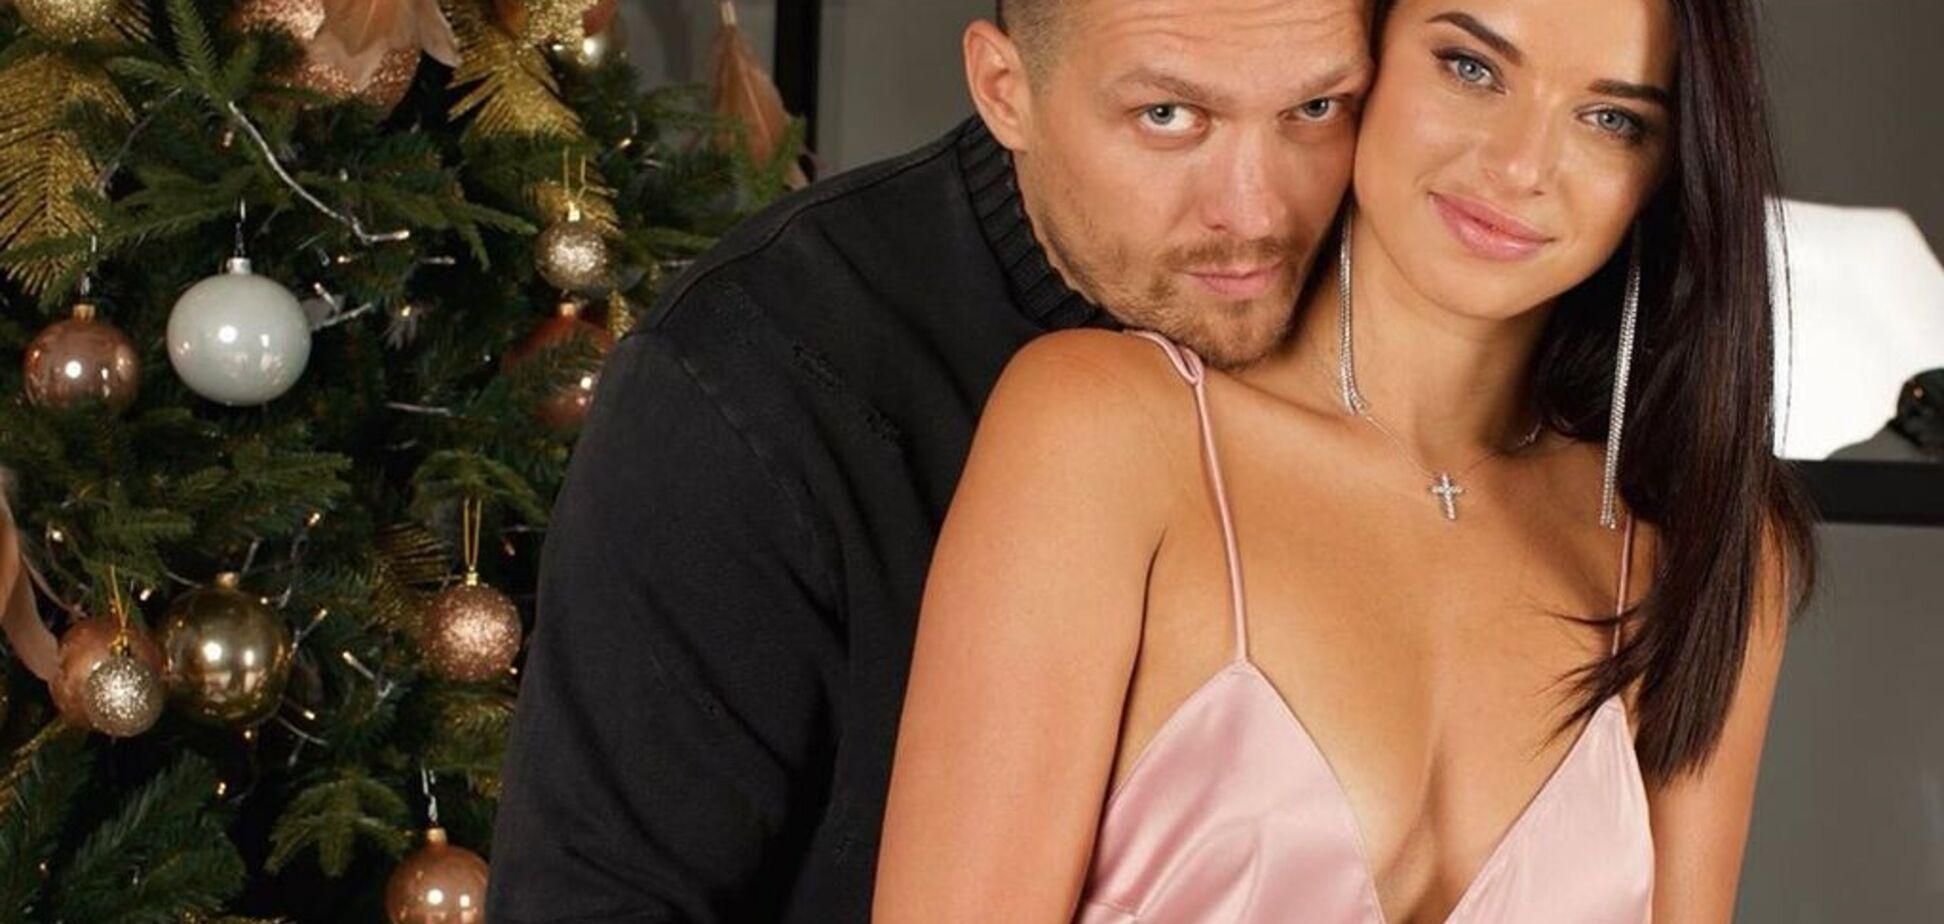 На голе тіло: Усик з дружиною знялися в спокусливiй домашнiй фотосесії